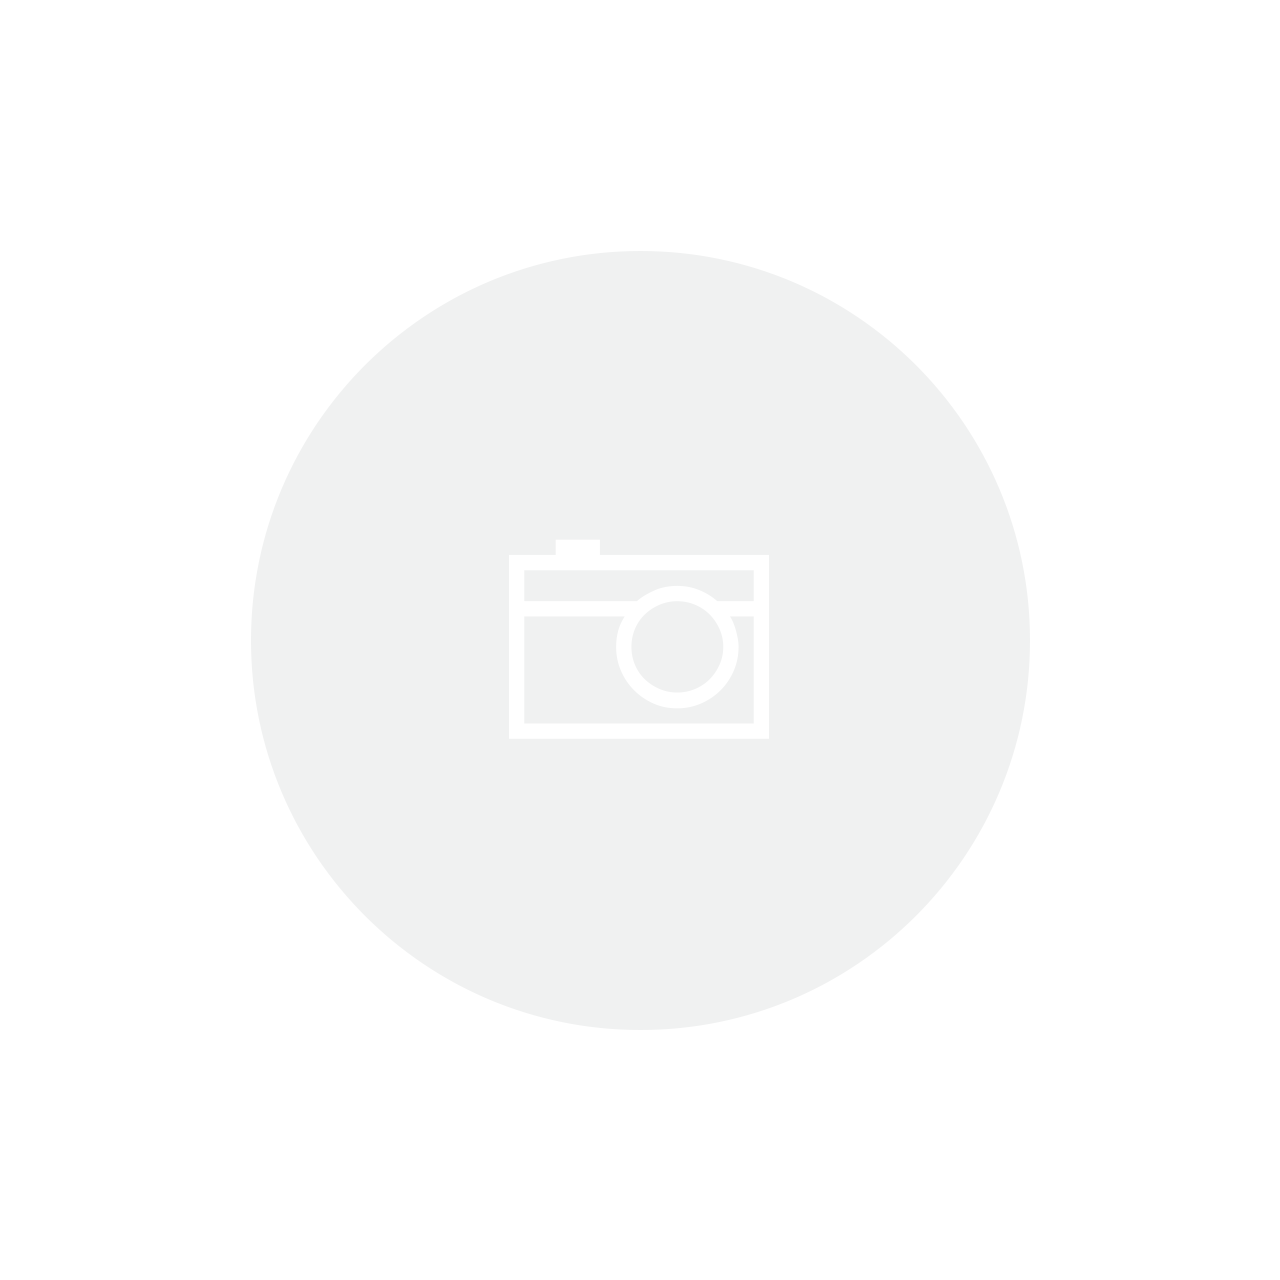 CICLOCOMPUTADOR 22F SUN DING COM LUZ (H1619)